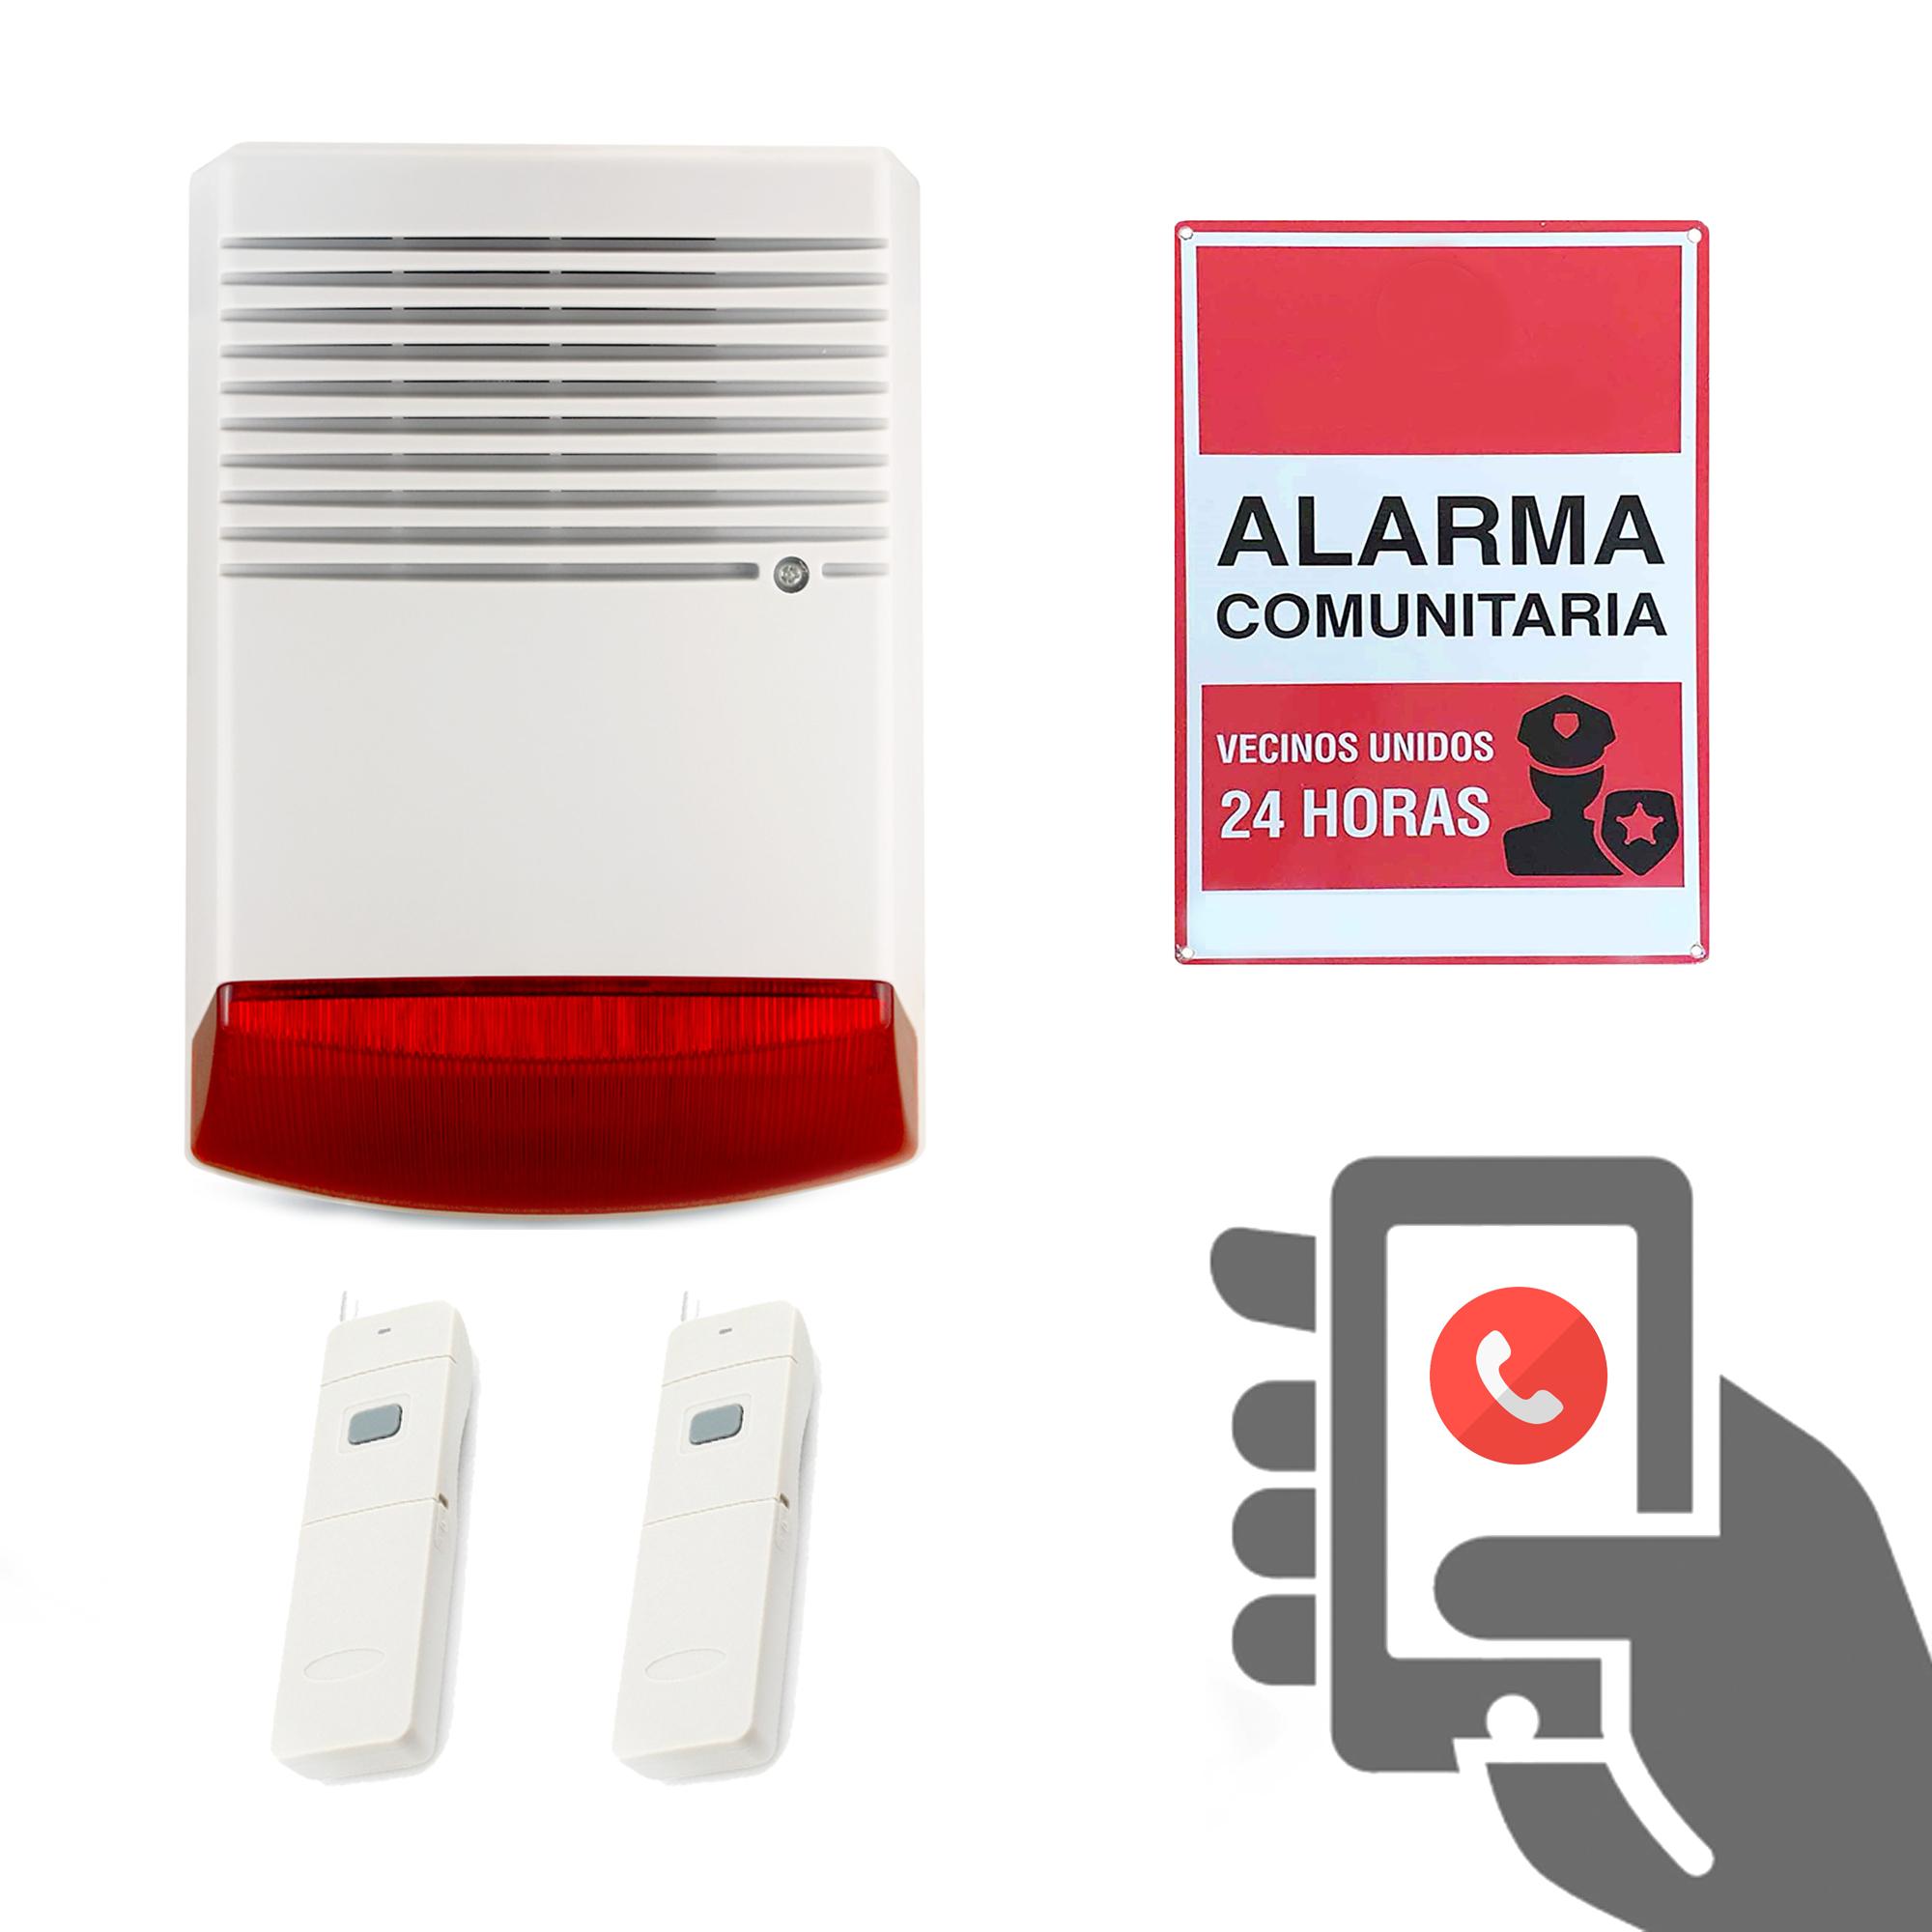 Alarma Comunitaria Activada con Llamada Telefónica y Botón de Pánico 2 en 1